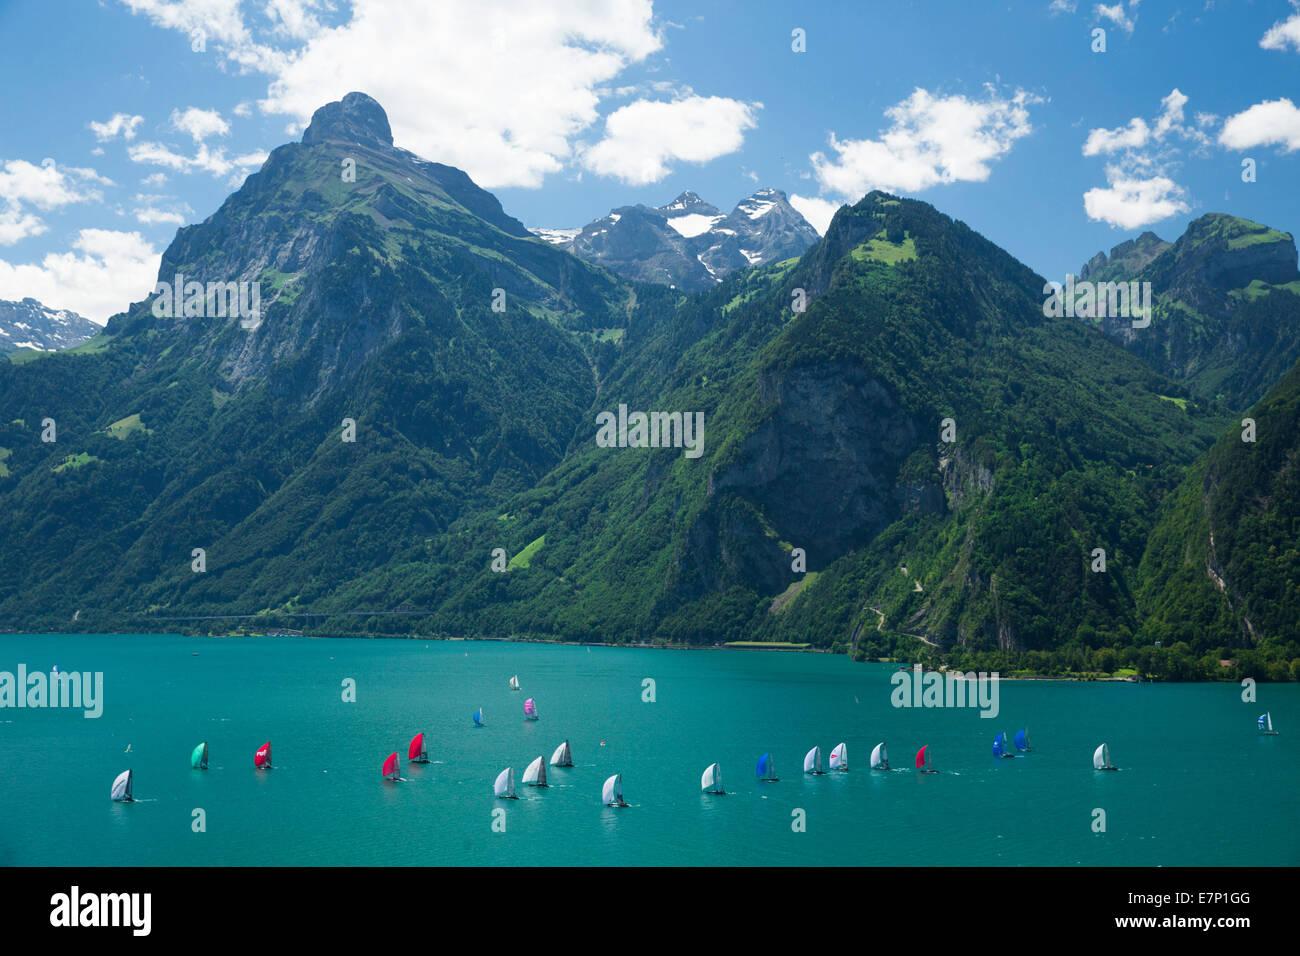 Le lac d'Uri, yachting, régate, Vierwaldstättersee, le lac de Lucerne, voile, voilier, de l'eau Photo Stock